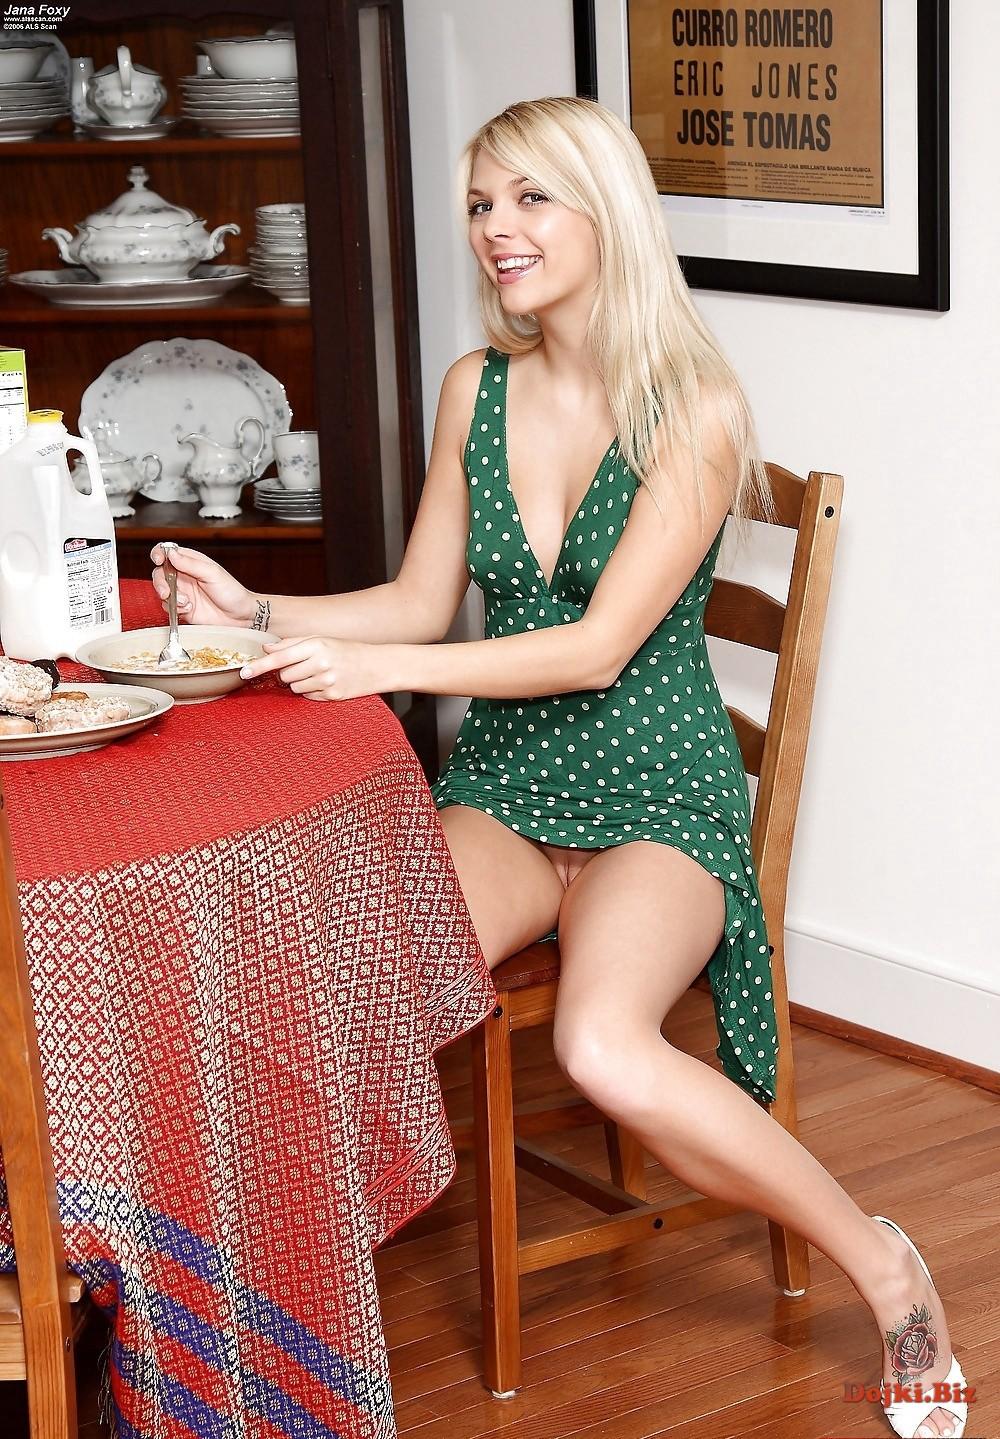 Красивая блондинка за столом без трусиков